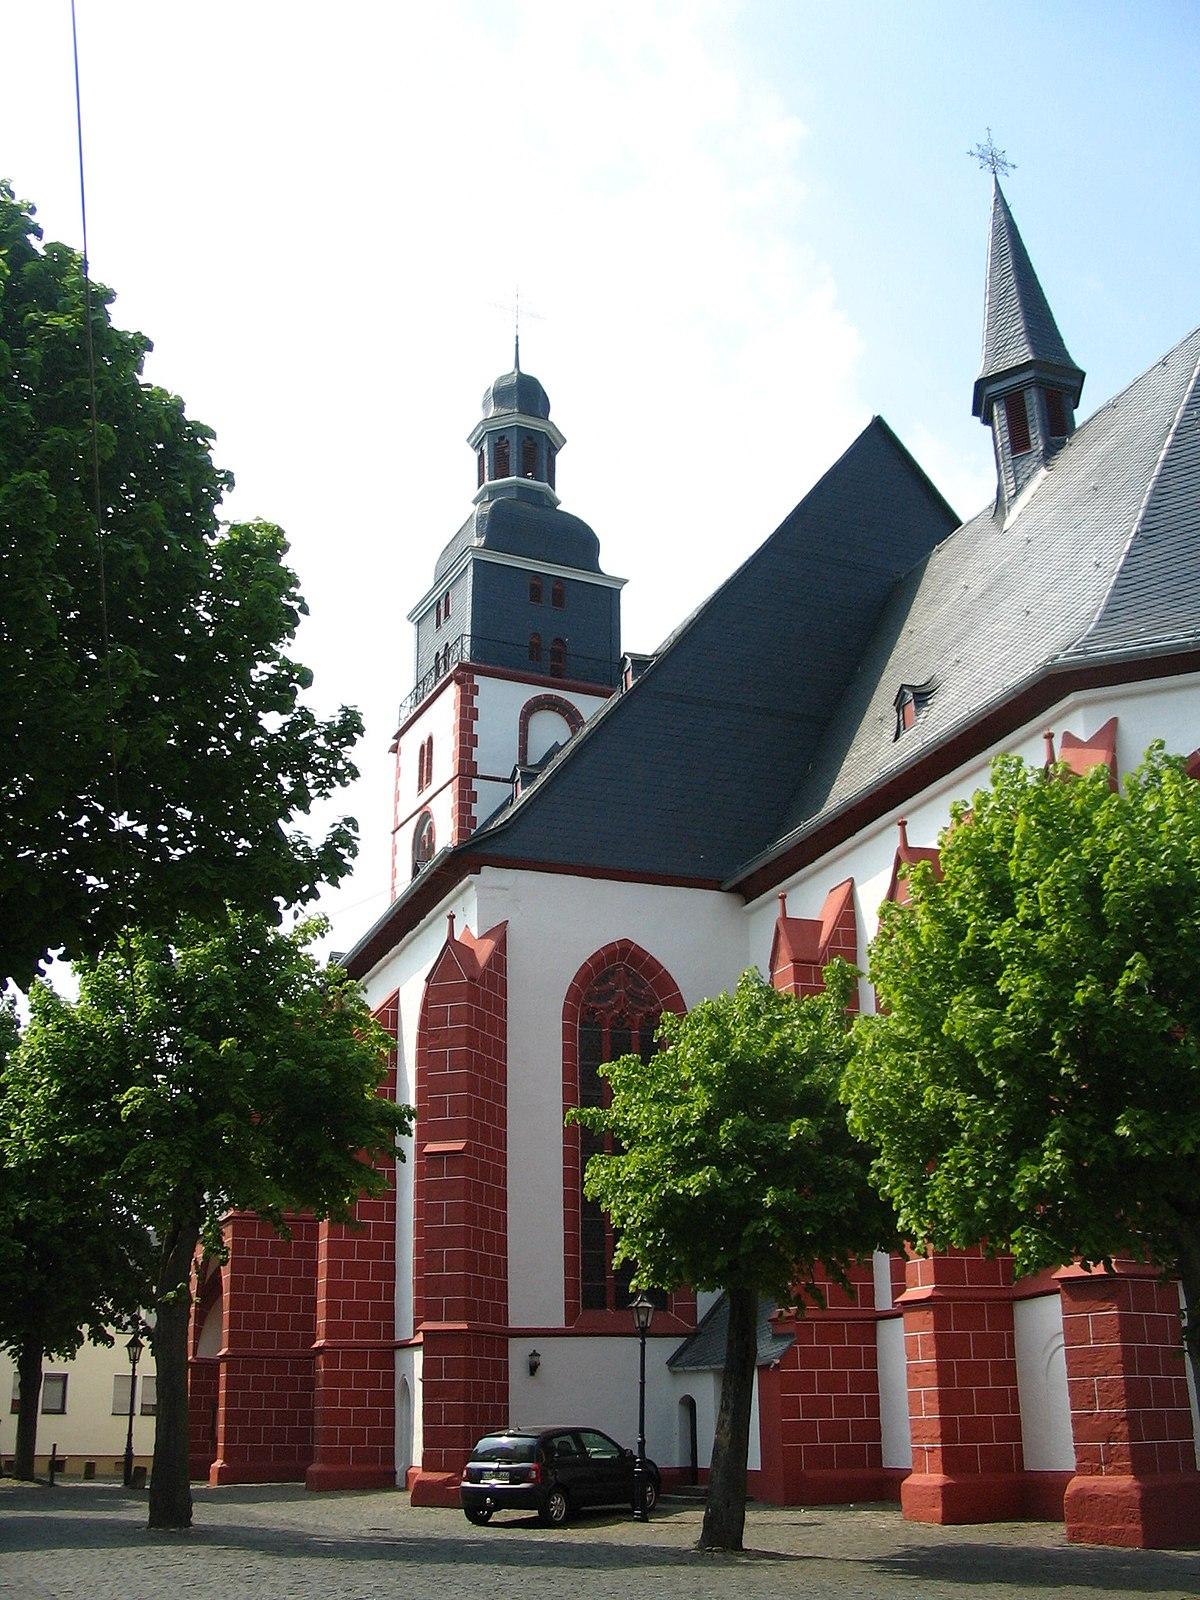 Kirchberg, Rhein-Hunsrück - Wikipedia